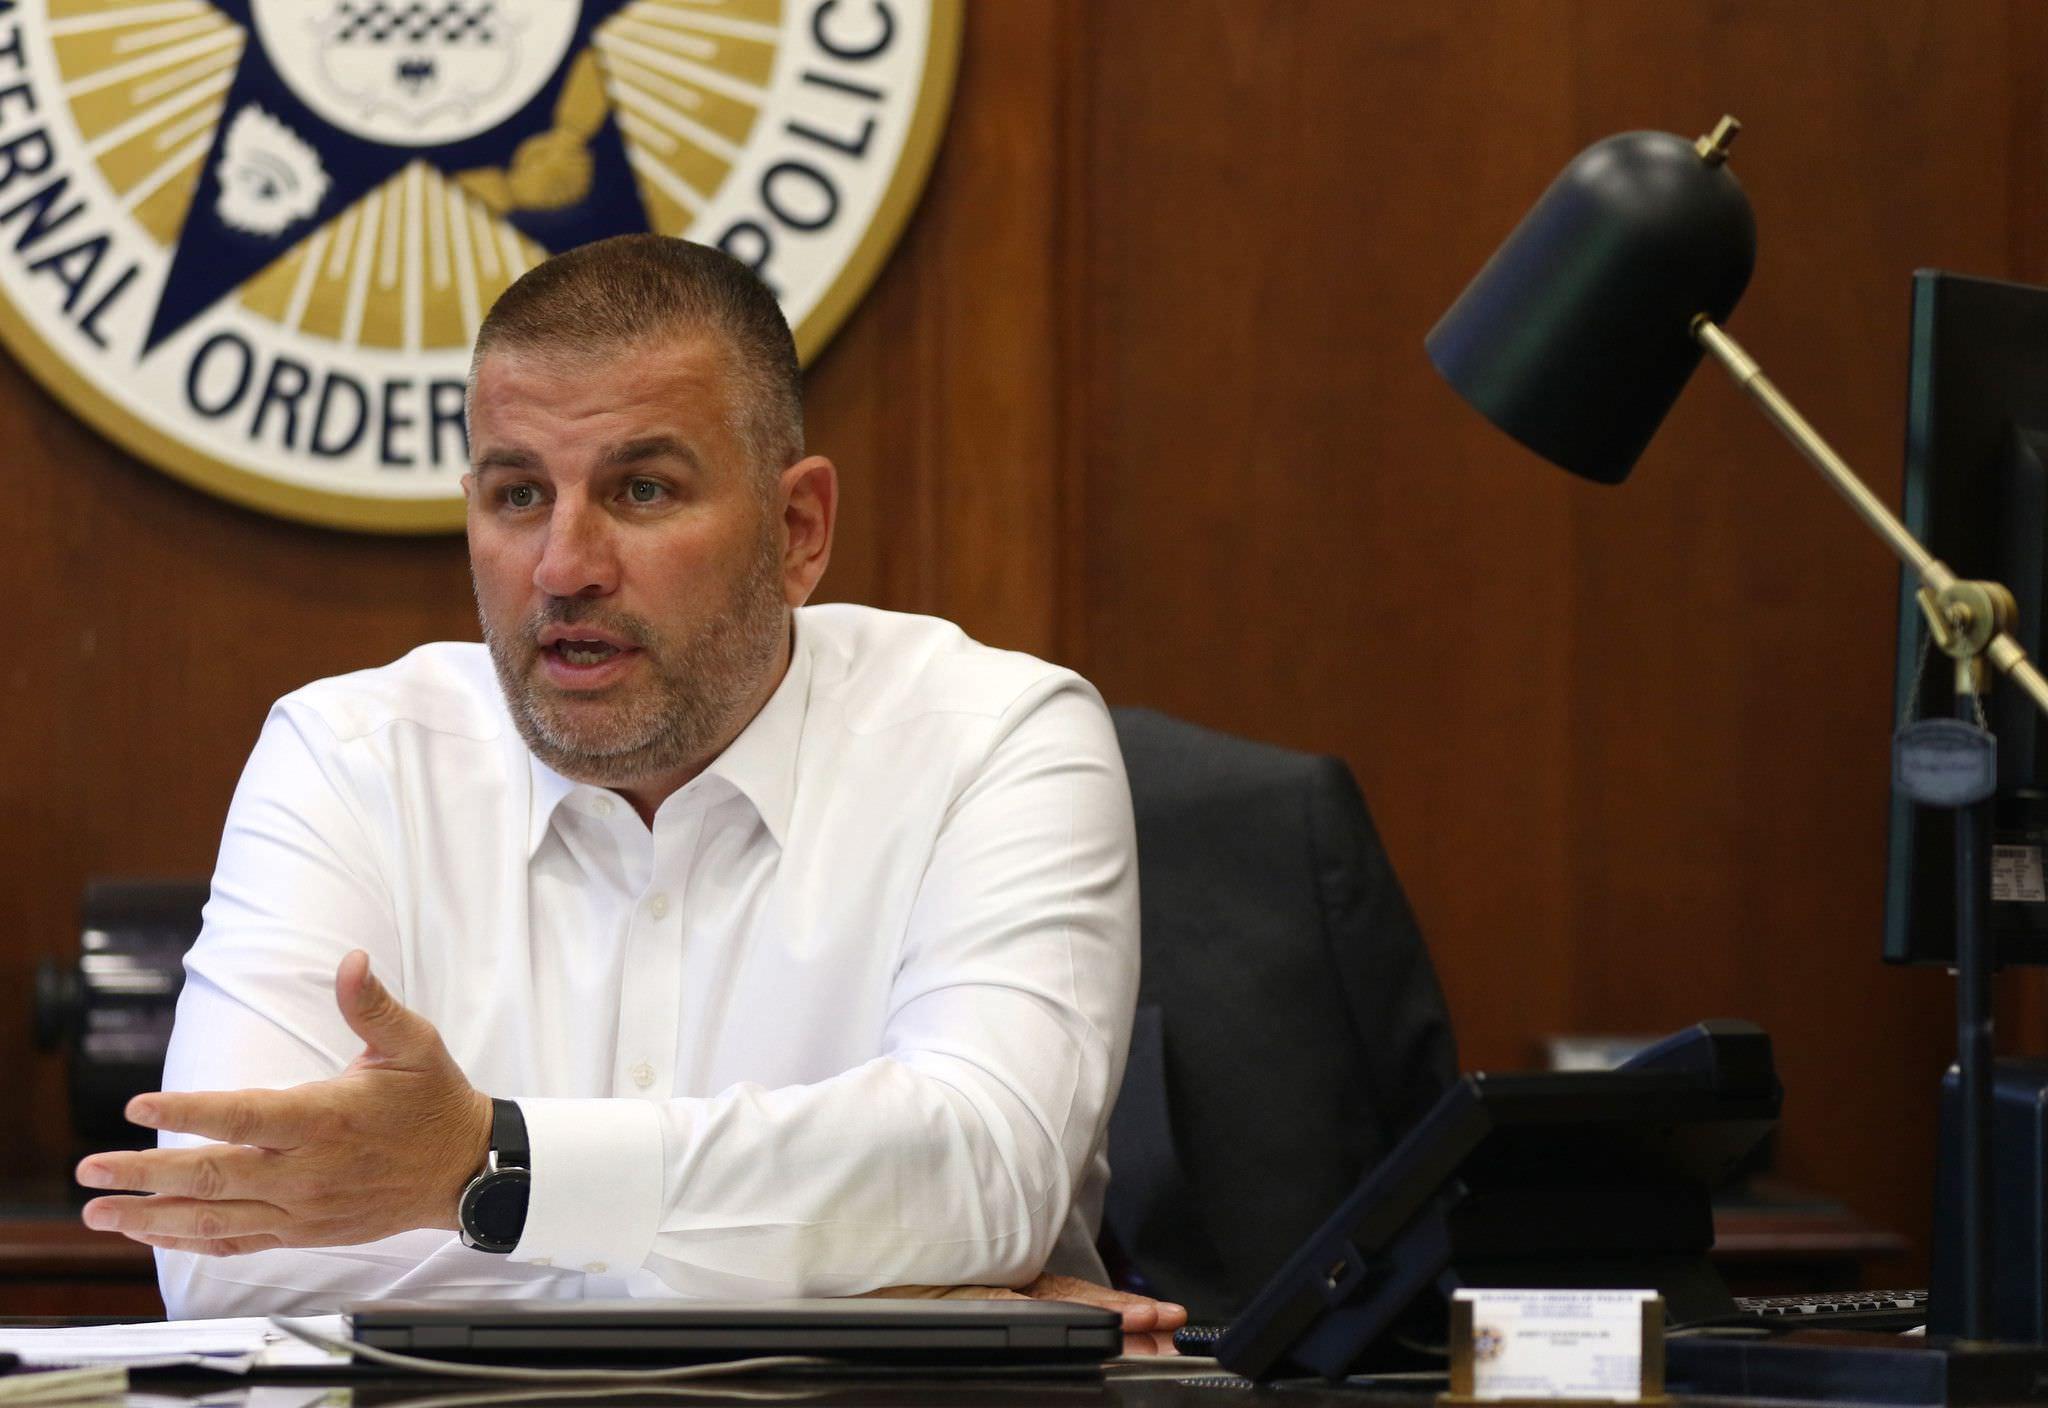 Polêmico presidente do sindicato da polícia de Chicago enfrenta possível demissão por causa de postagens inflamadas nas redes sociais